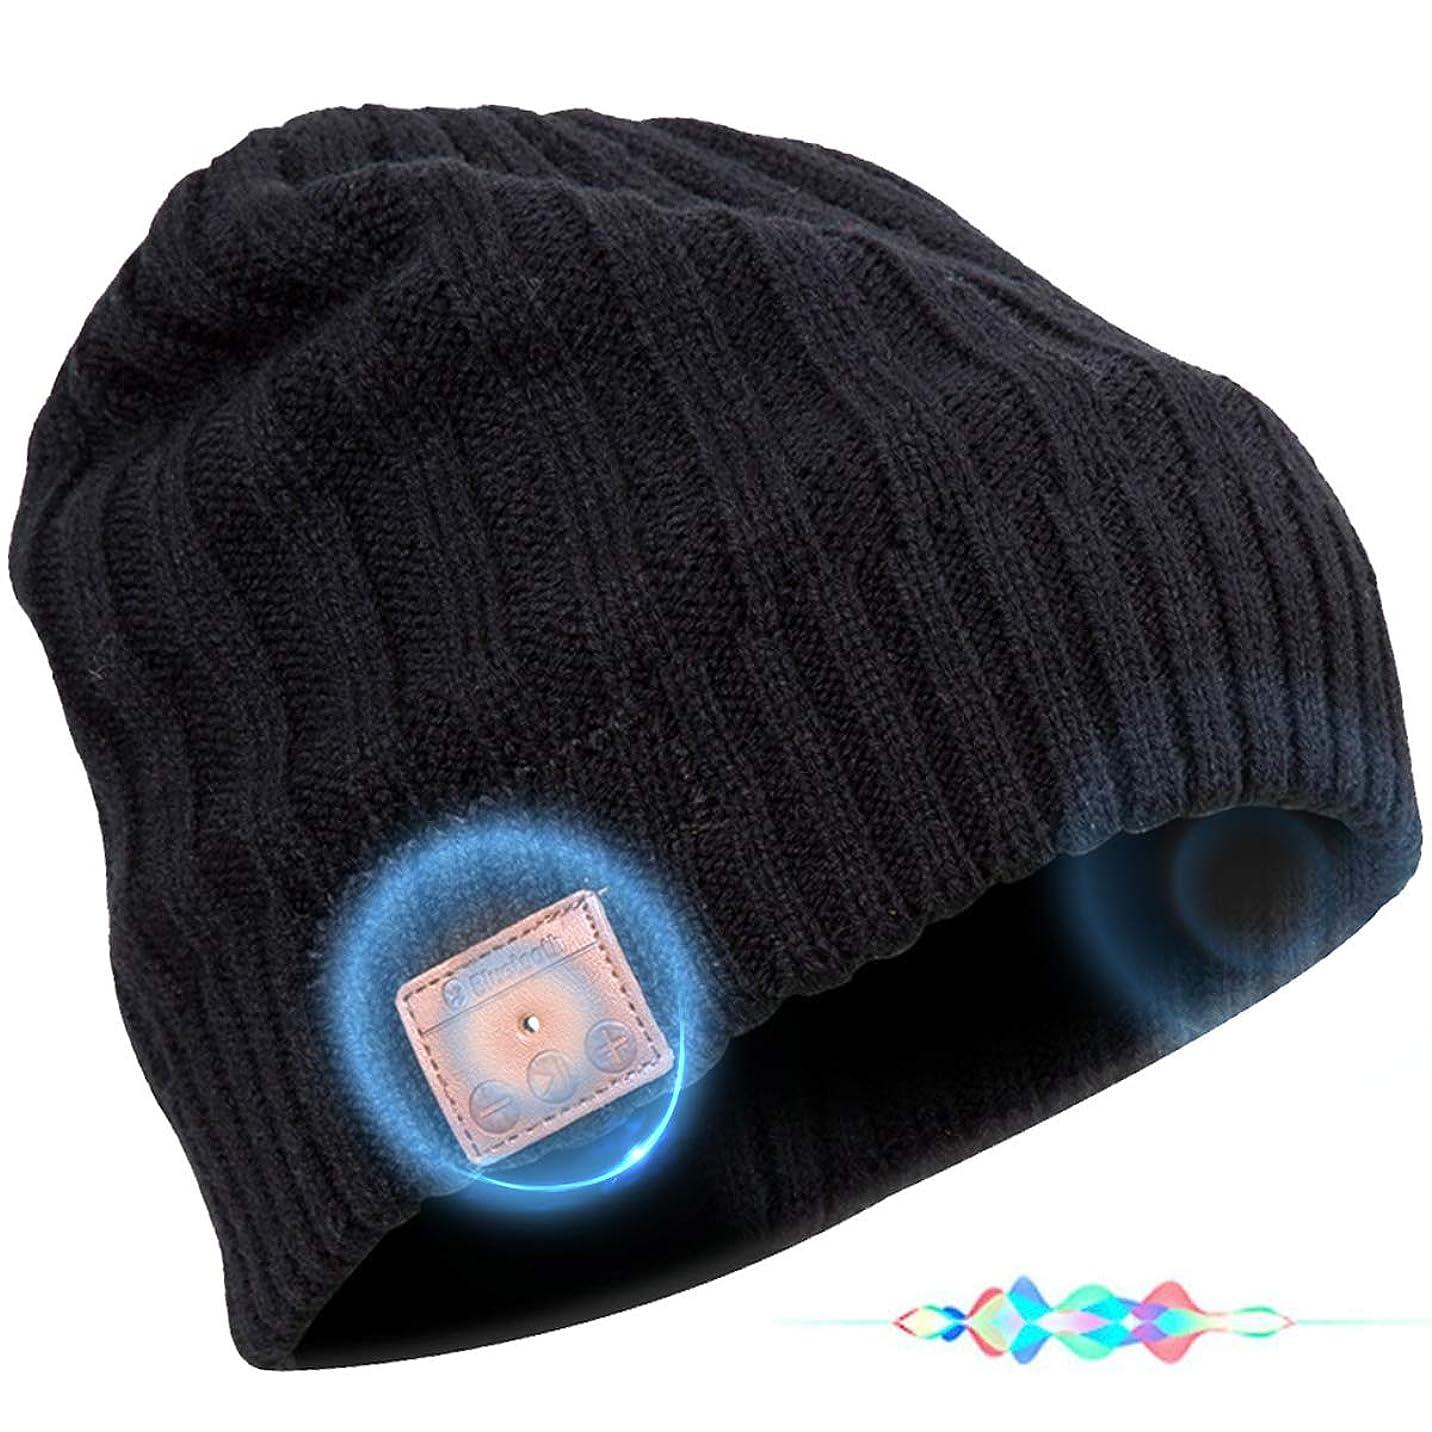 コート入浴素子Bluetooth ビーニーハット ワイヤレスヘッドホン ヘッドセット スピーカー マイク ハンズフリー バレンタインデー 冬 アウトドア スポーツ スキー スノーボード ジョギング ブラック